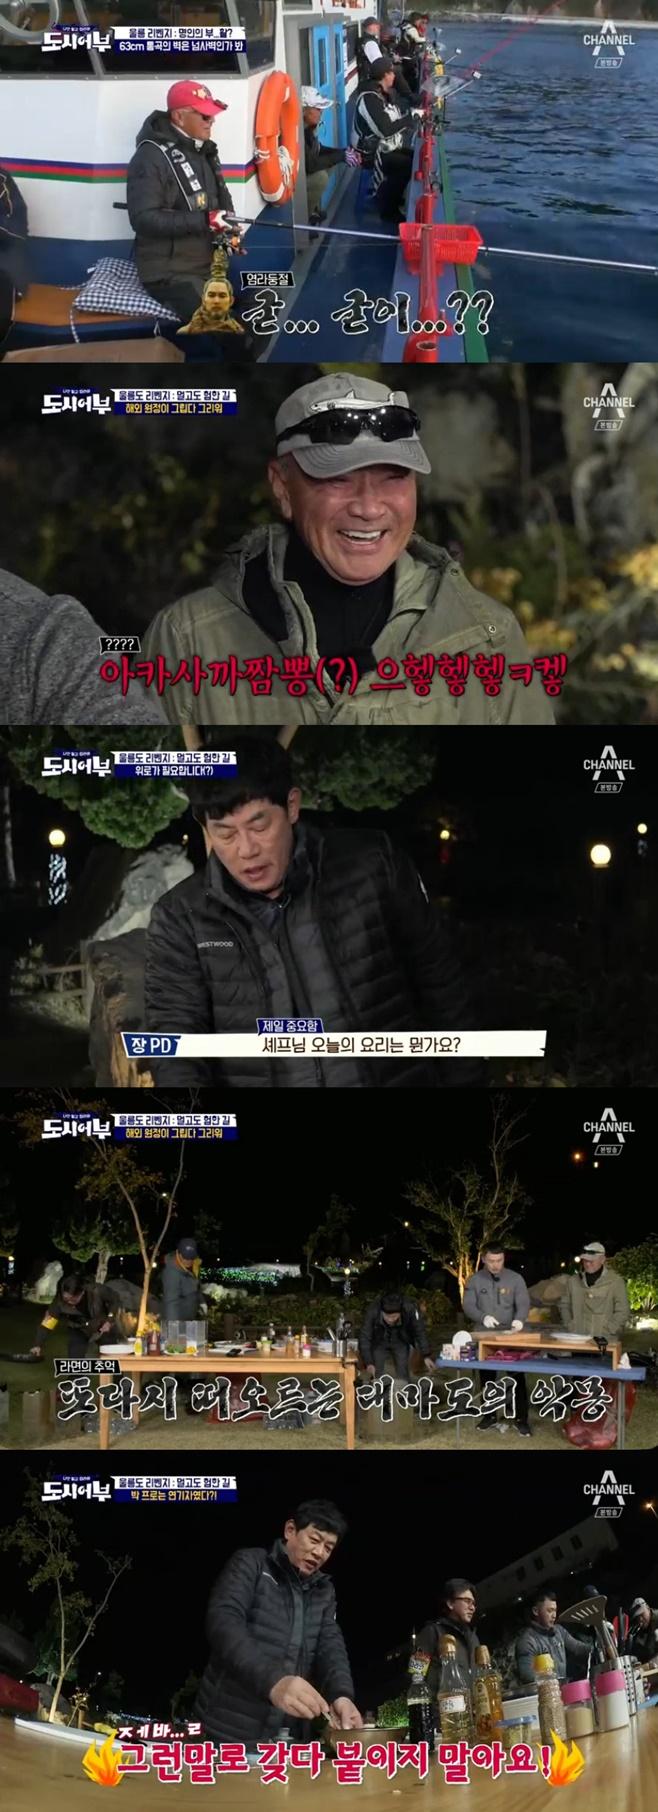 '도시어부' 이경규X이태곤, 부시리 파티 속 앙숙 대결 [TV온에어]